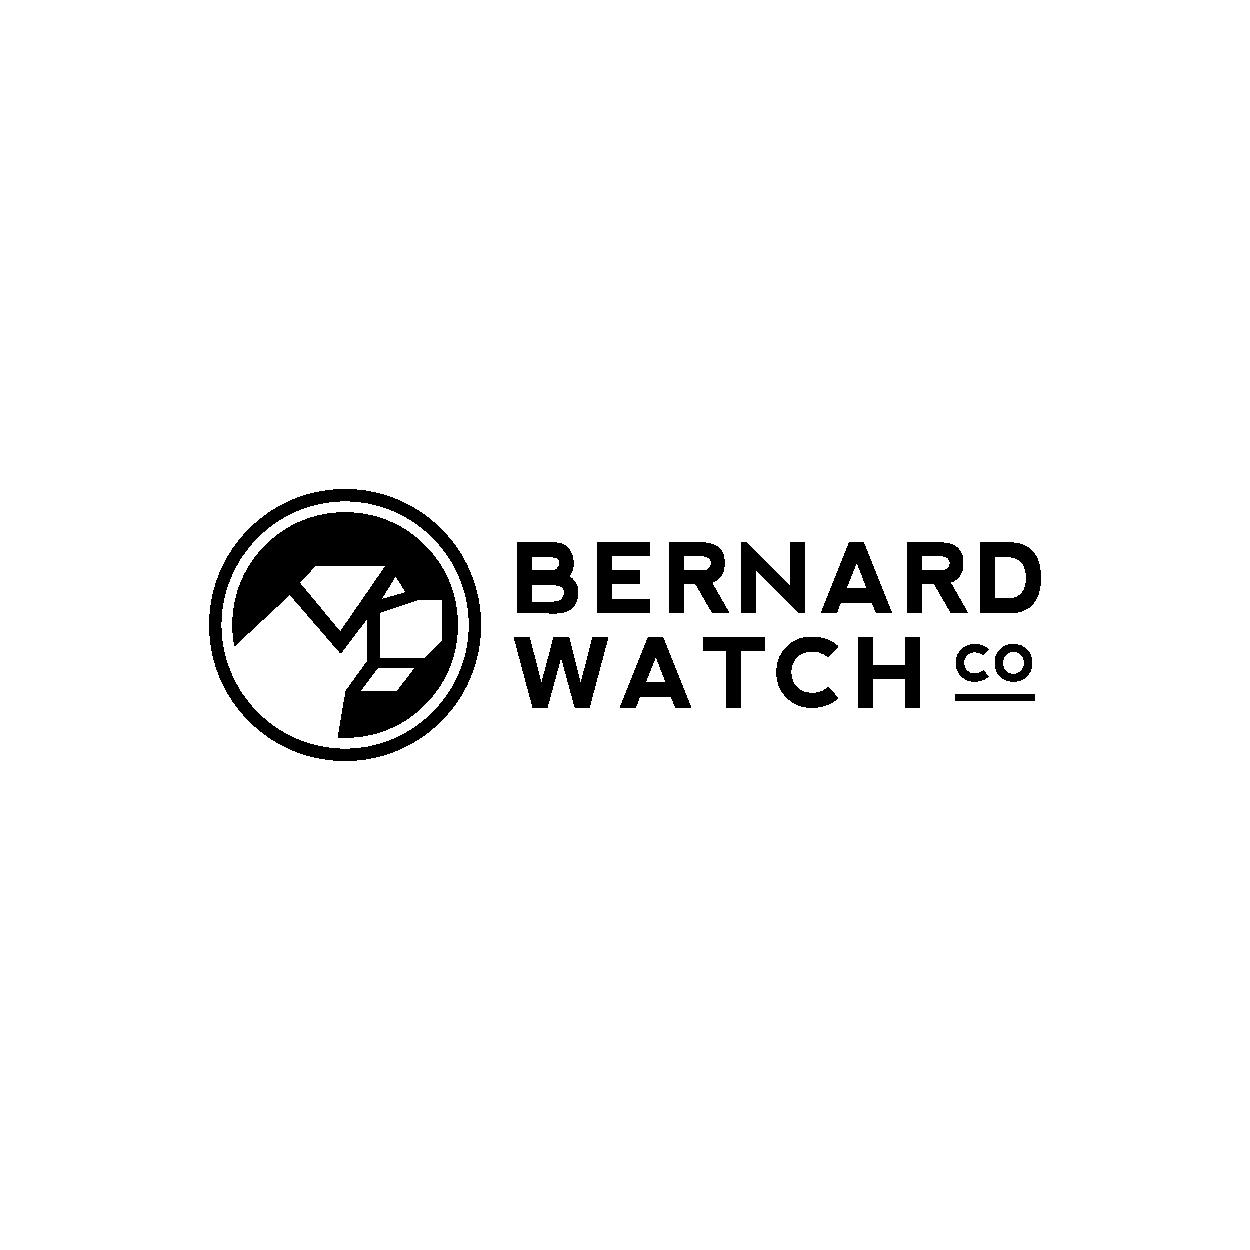 09-bernardwatch.png